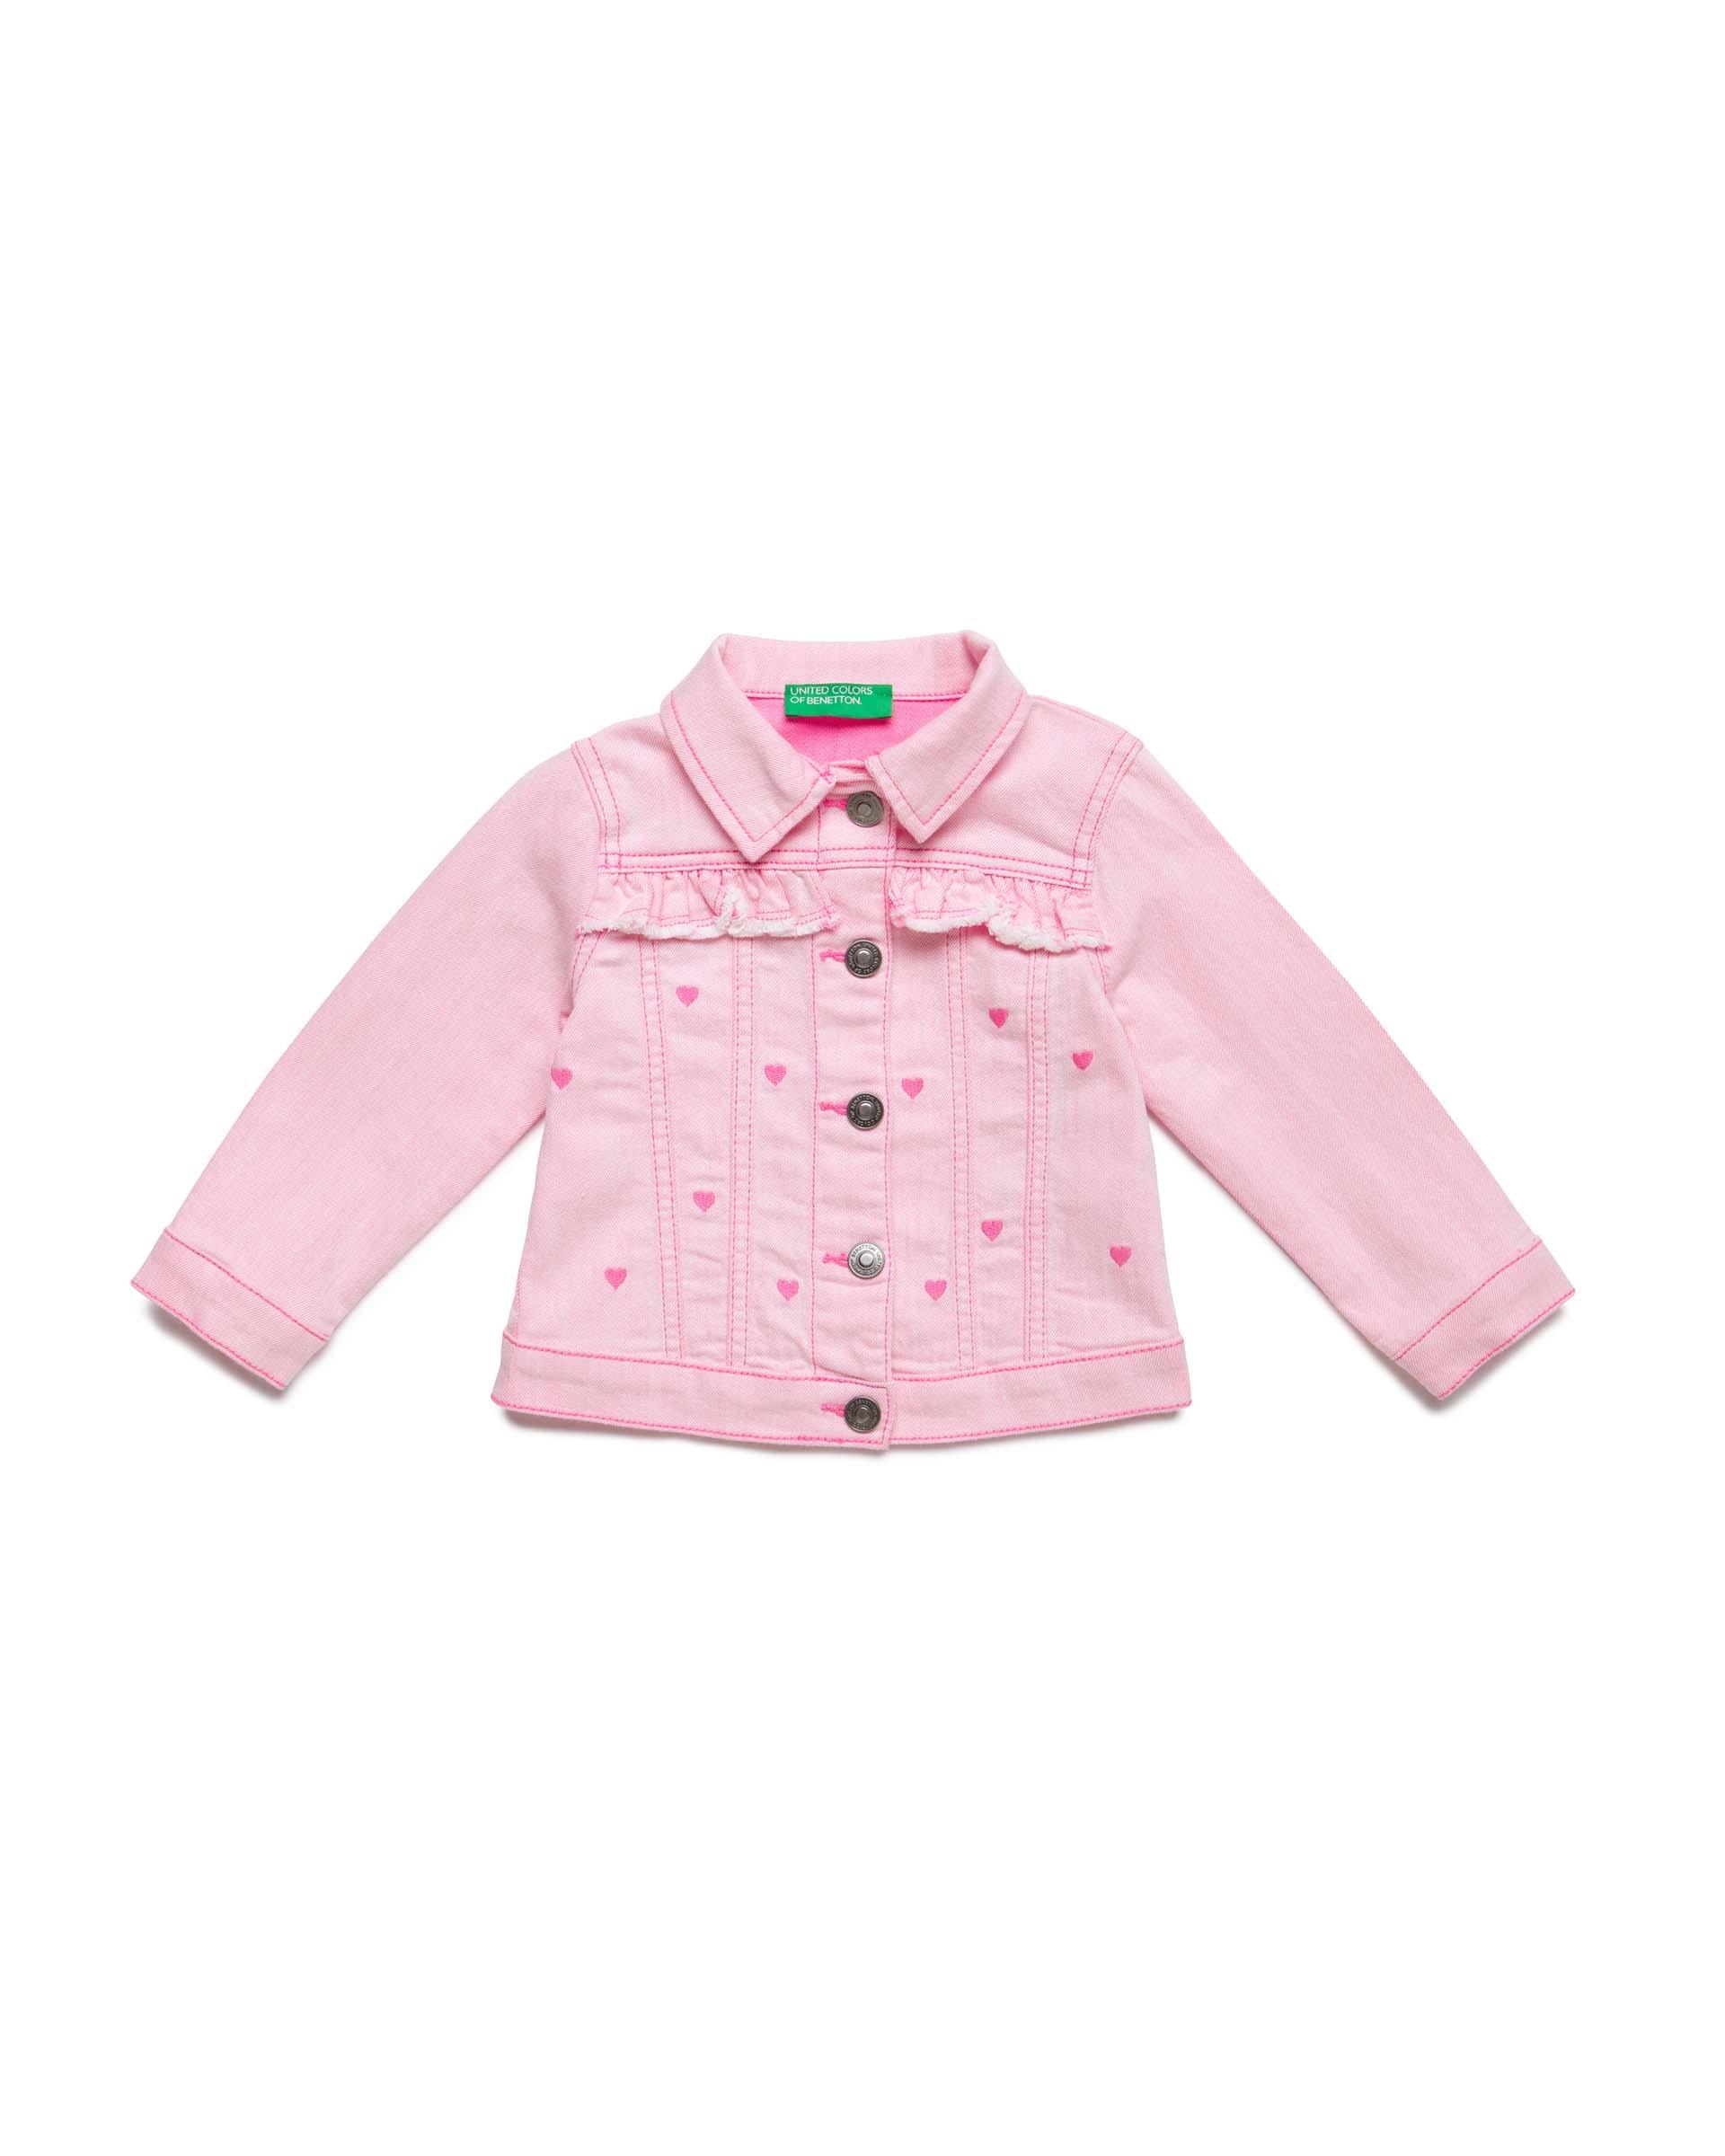 Купить 20P_2PL7532XP_40J, Джинсовая куртка для девочек Benetton 2PL7532XP_40J р-р 110, United Colors of Benetton, Куртки для девочек